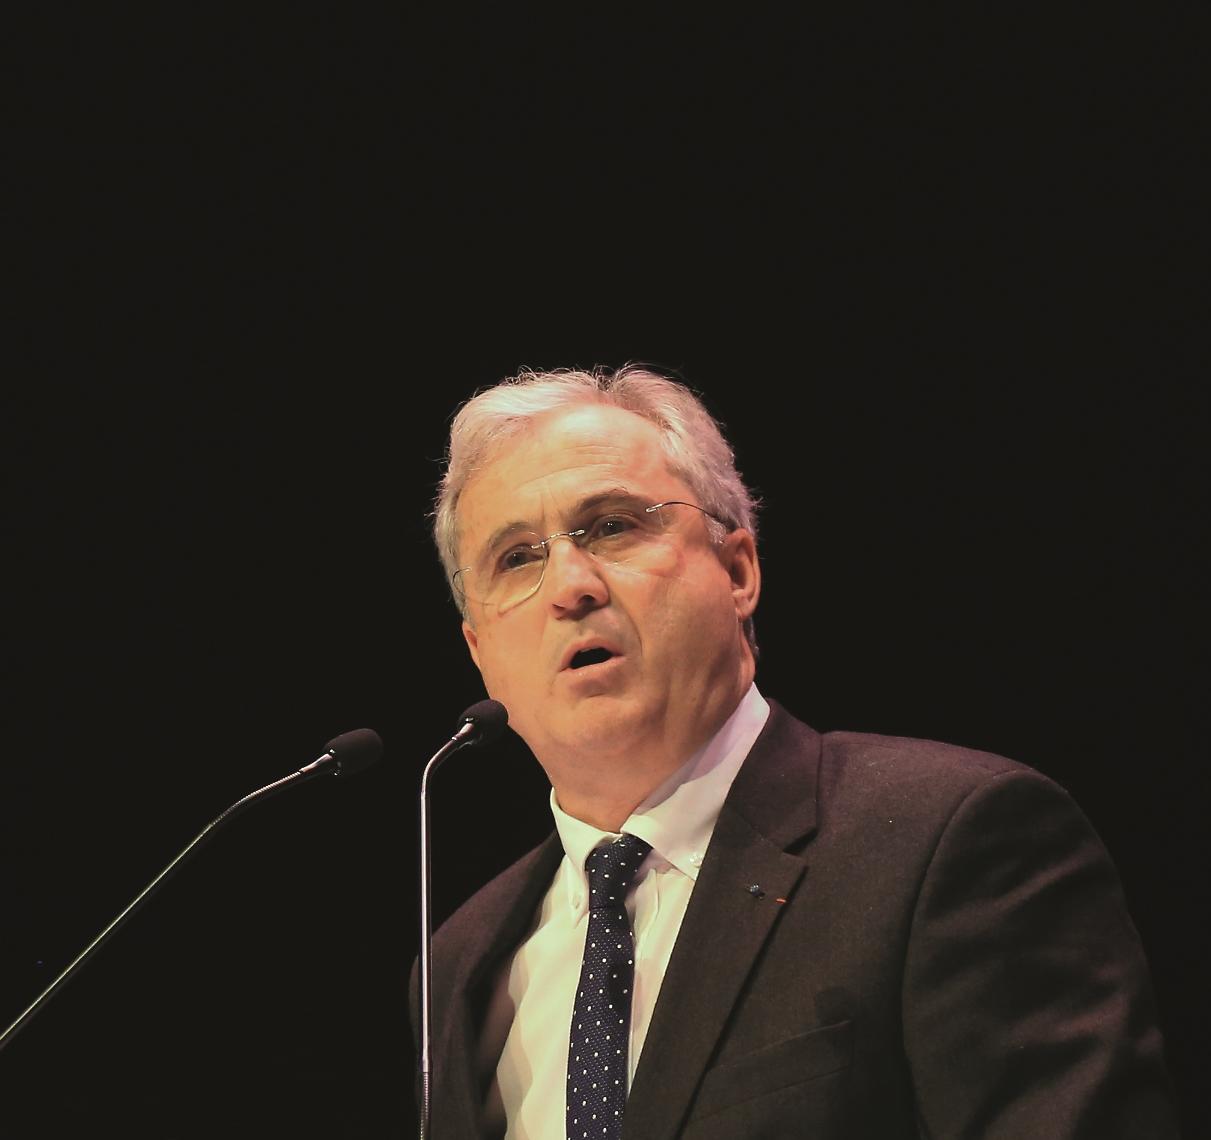 Frederic Moncany